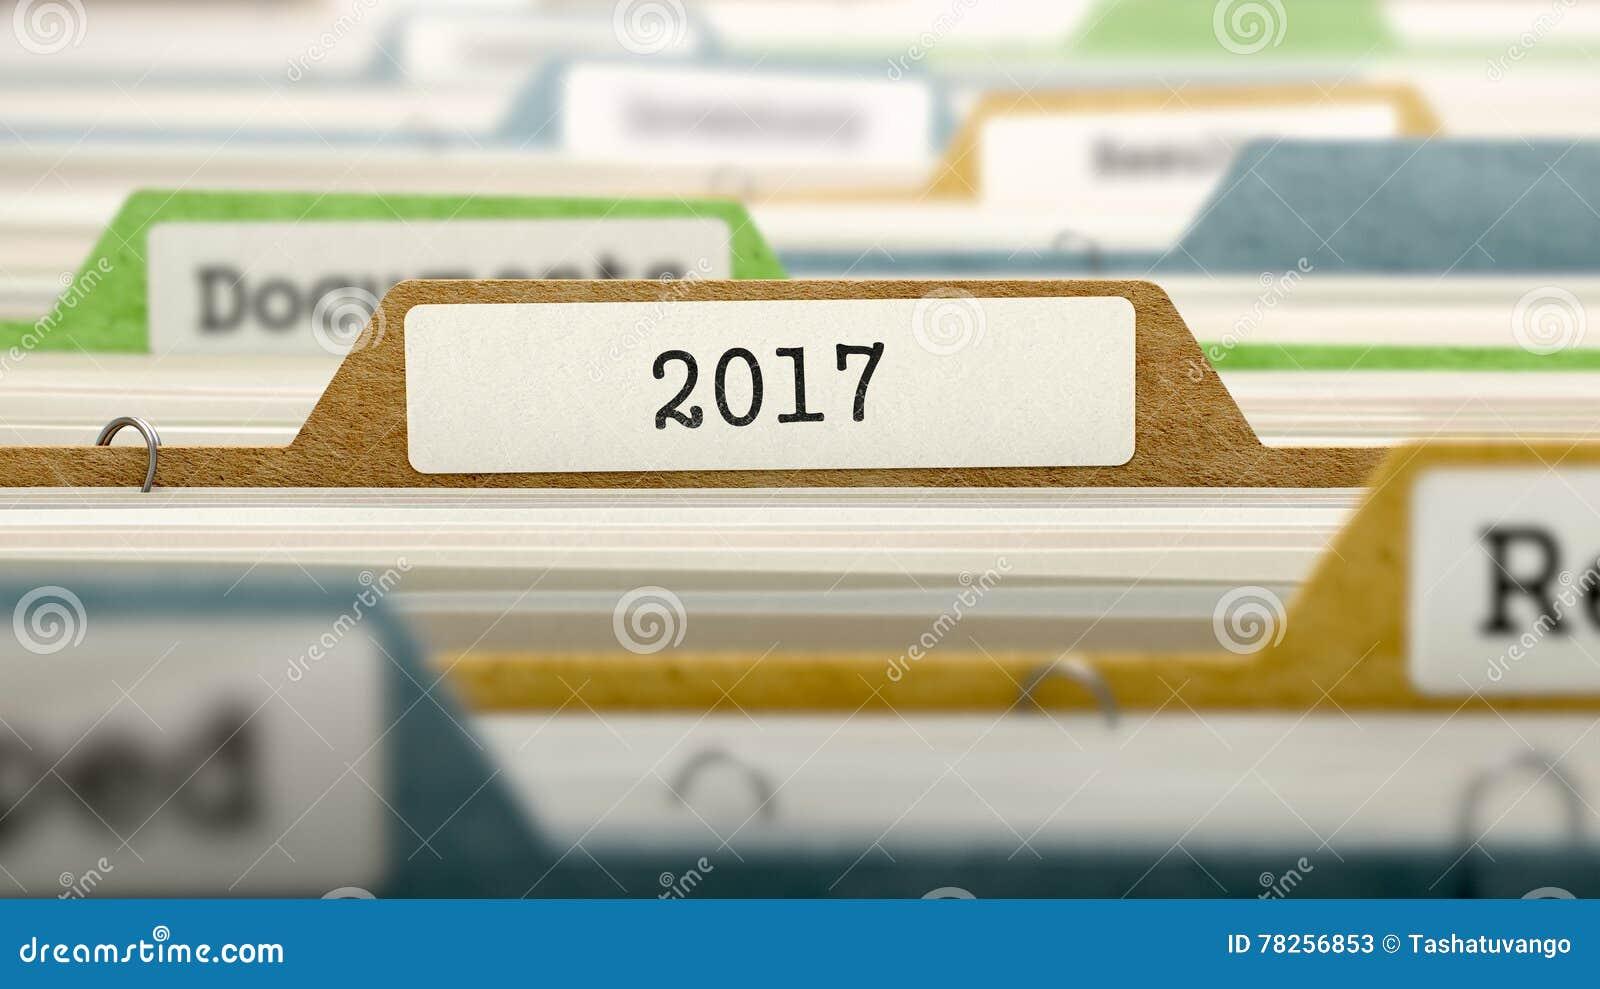 Φάκελλος αρχείων που χαρακτηρίζεται ως 2017, τρισδιάστατος